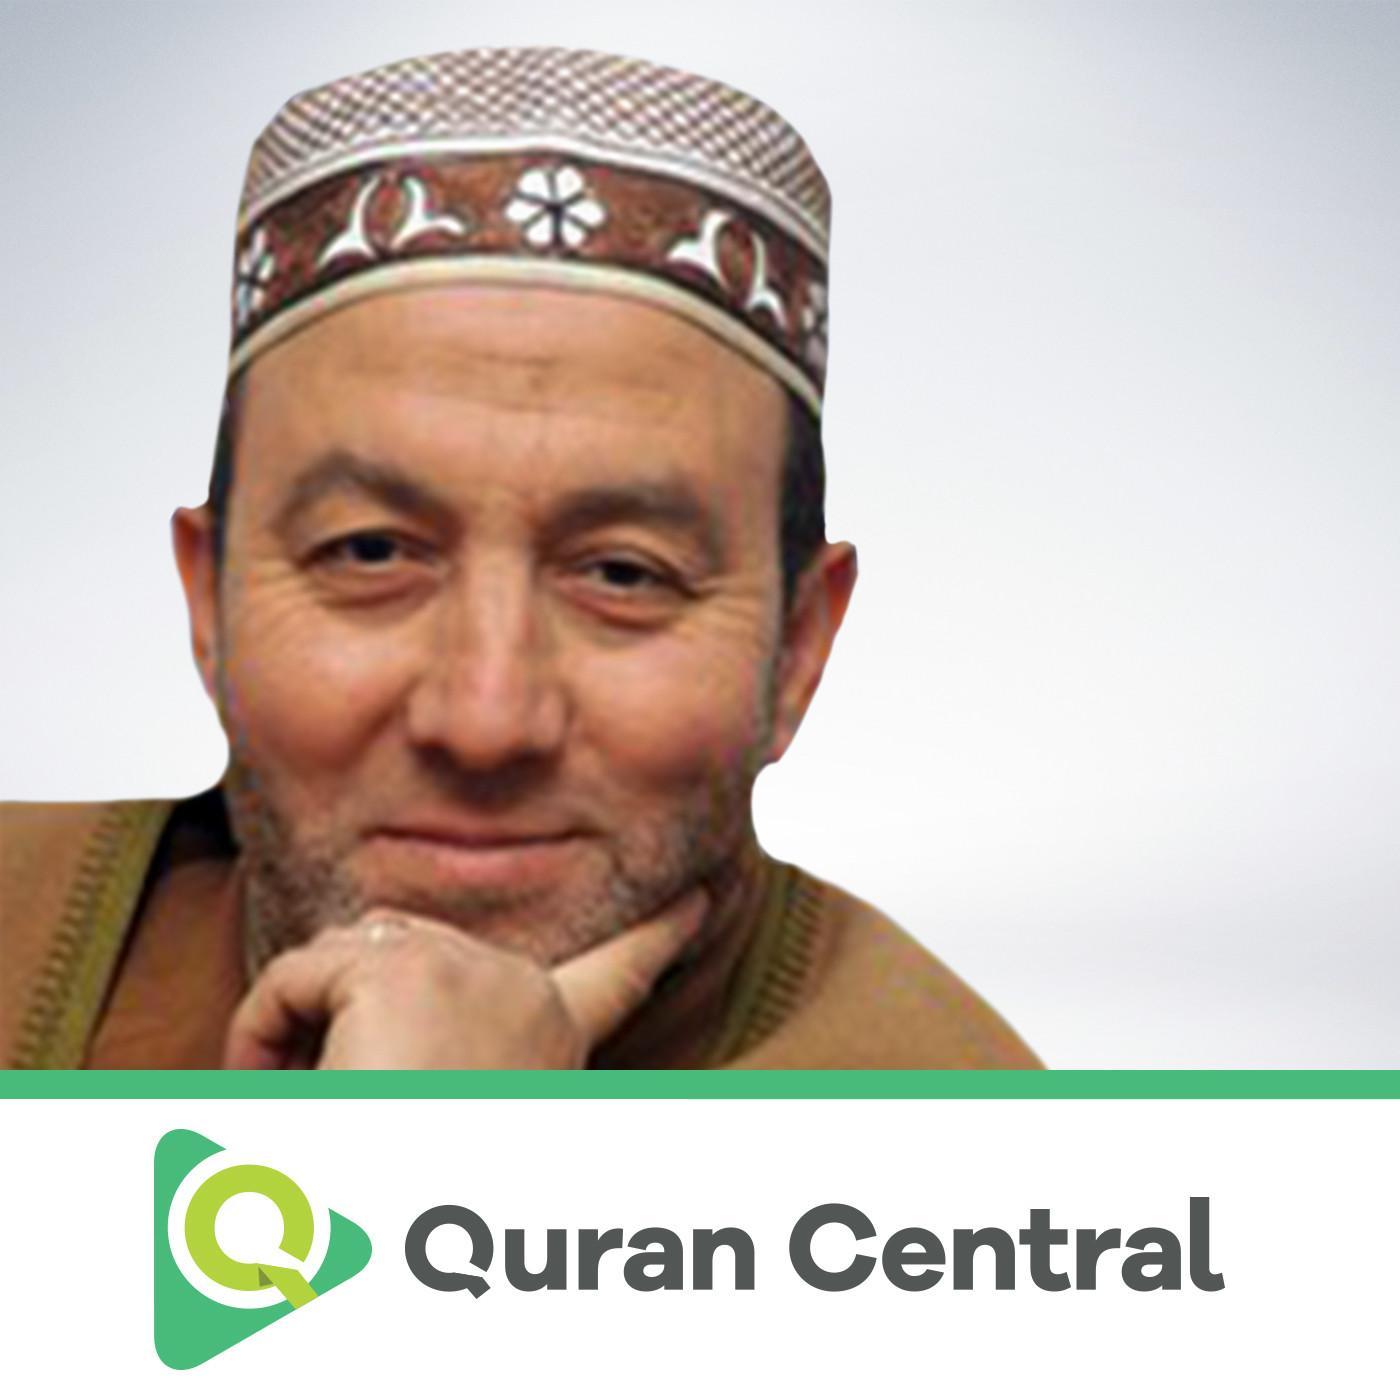 Muhammad Jibreel